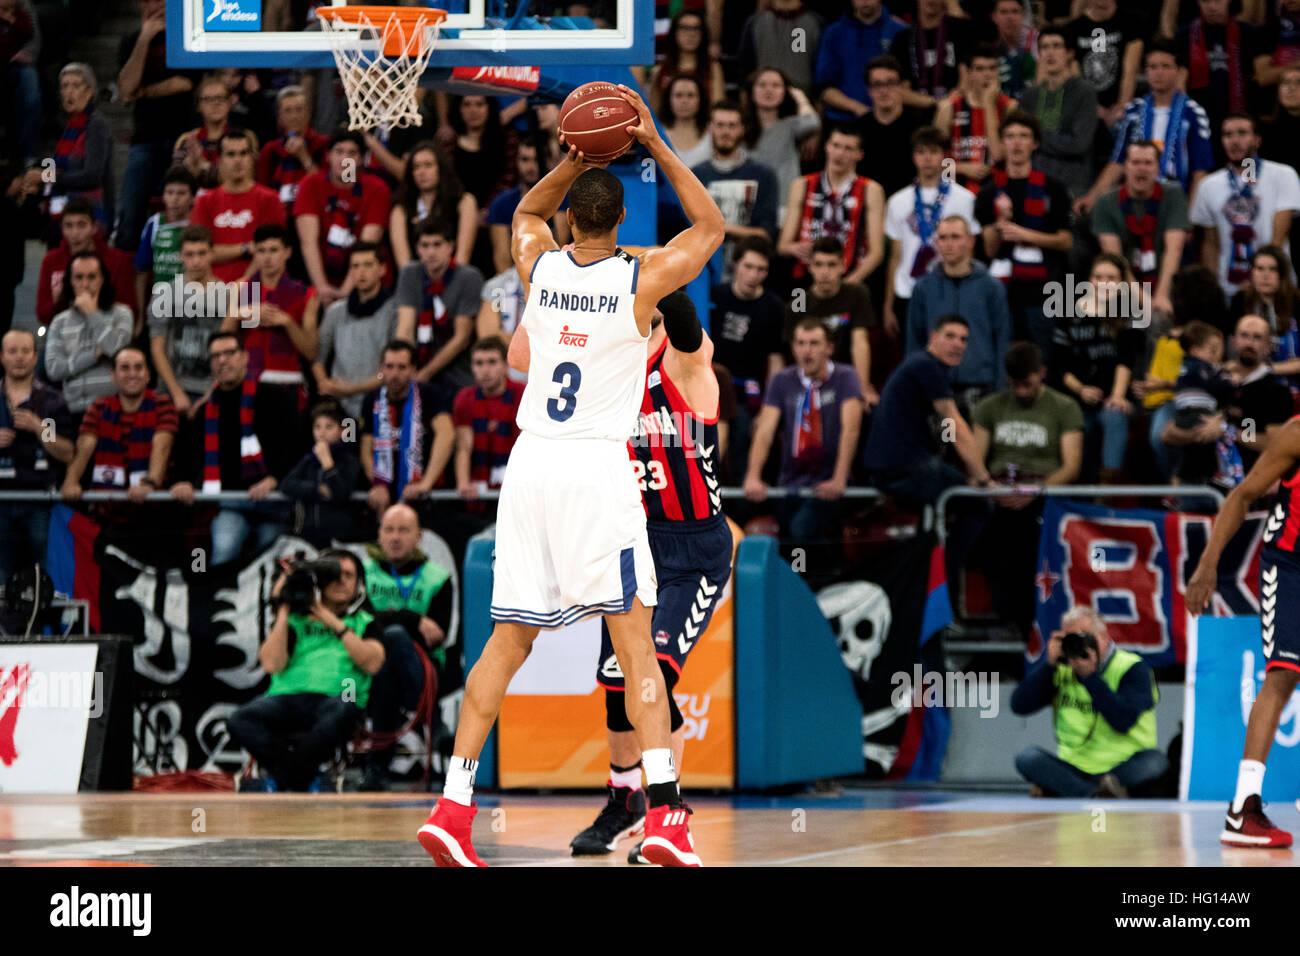 Vitoria, Spagna. 3 gennaio, 2017. Anthony Randolph (Real Madrid) Spara la palla durante la partita di basket della Immagini Stock